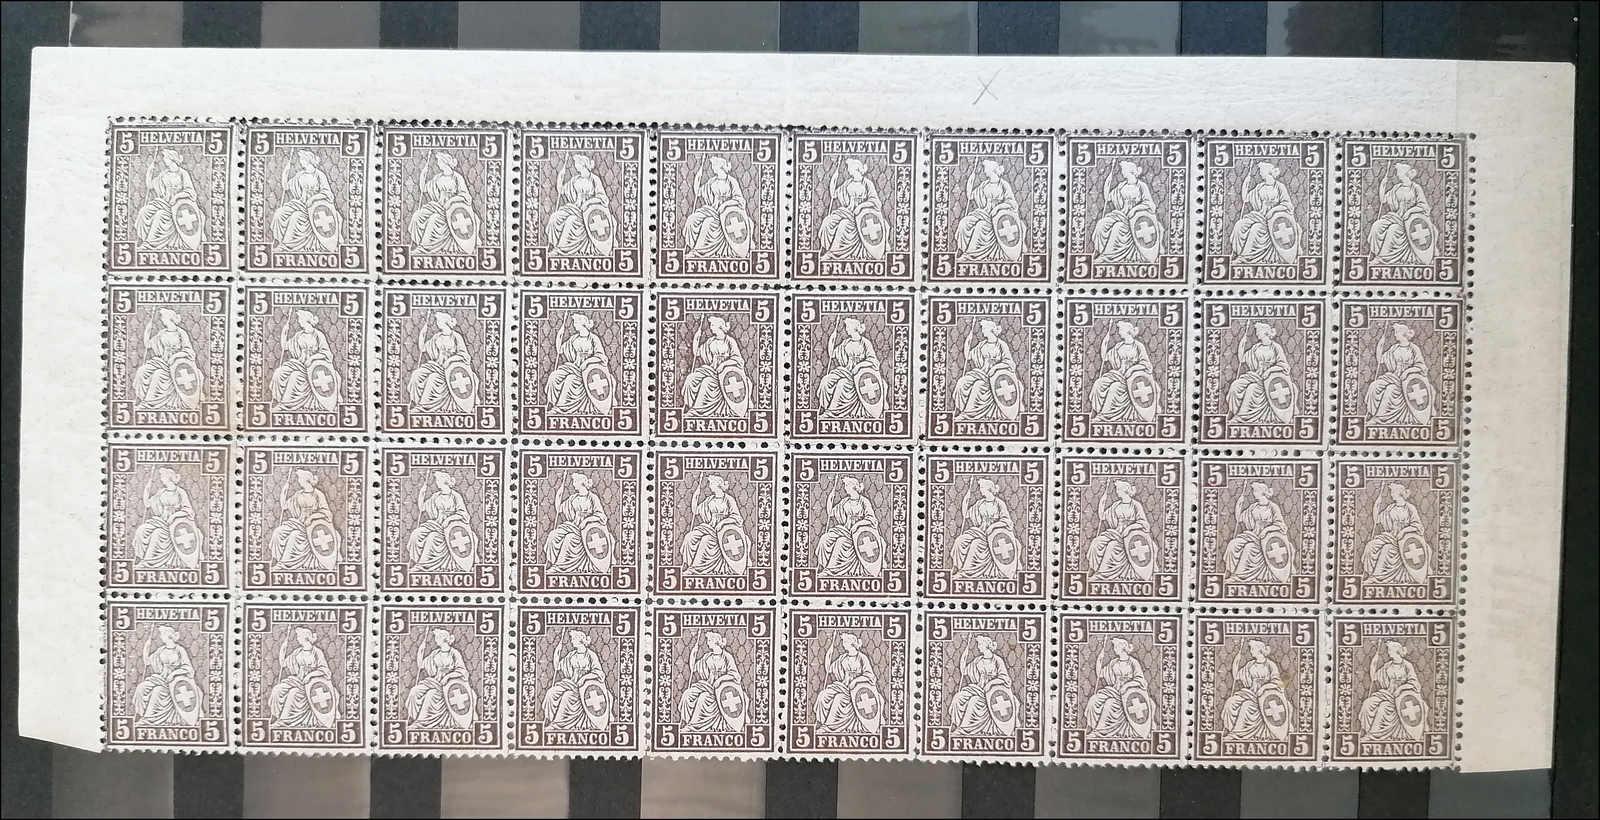 Lot 125 - schweiz Schweiz Strubel -  Rolli Auctions Auction #68 Day 1